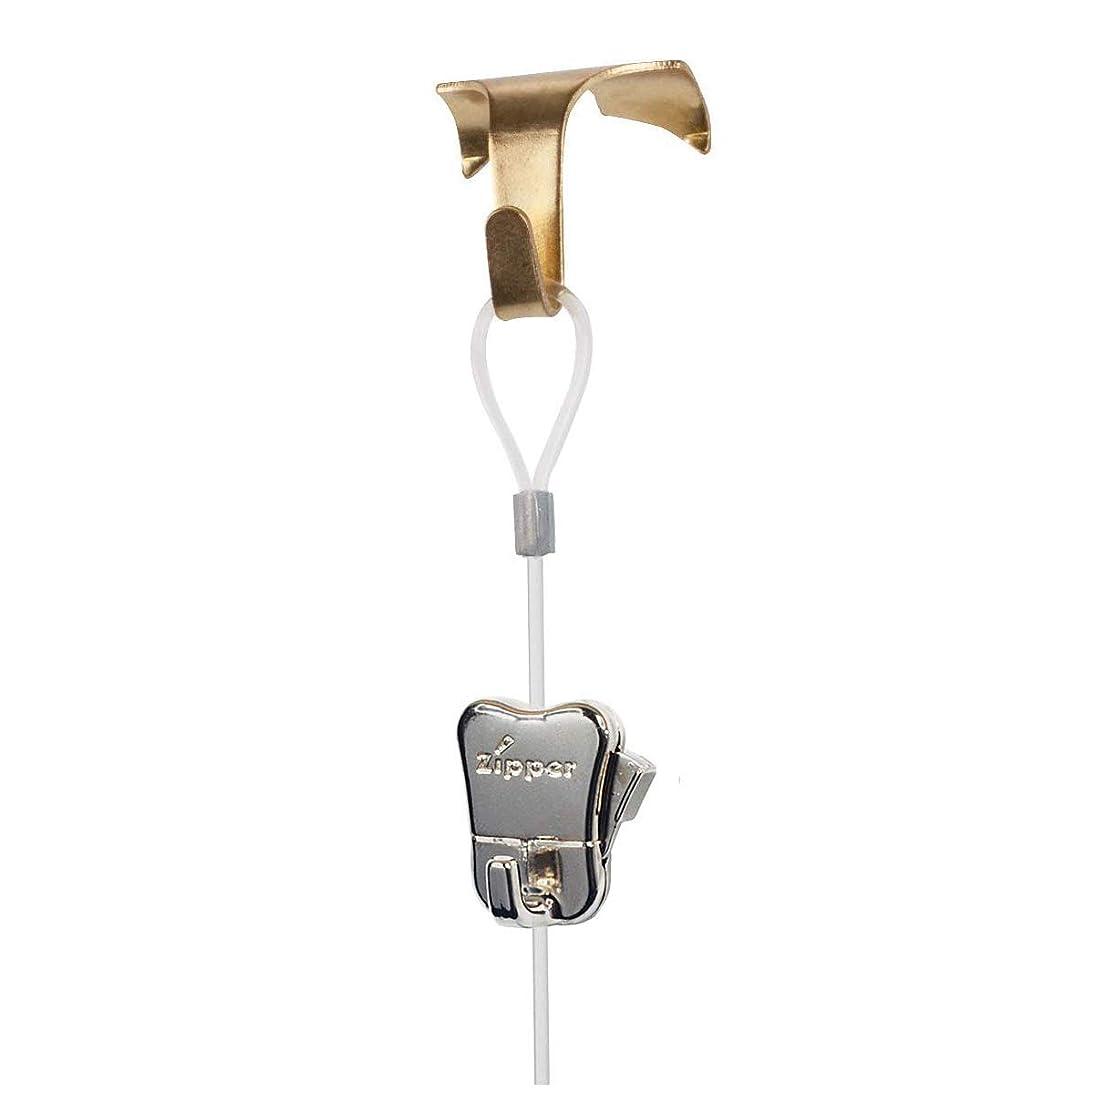 4 Pack each STAS Moulding Hooks + Perlon Cords with Loop + Zipper Hooks (59